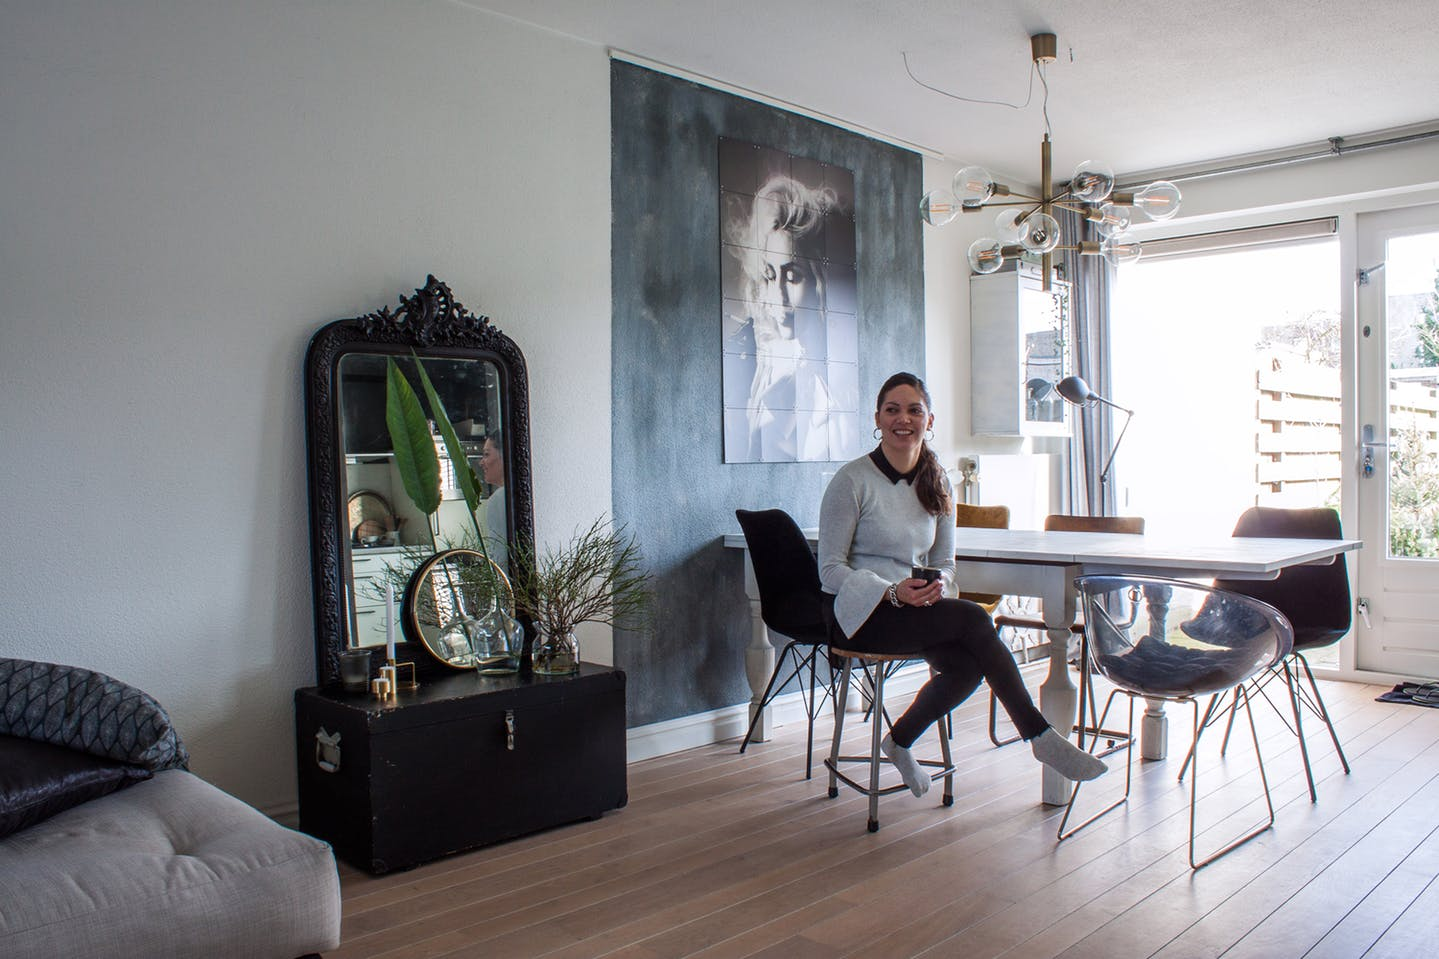 Binnenkijker Styling Inspiratie : Binnenkijker u house proud styling interieur